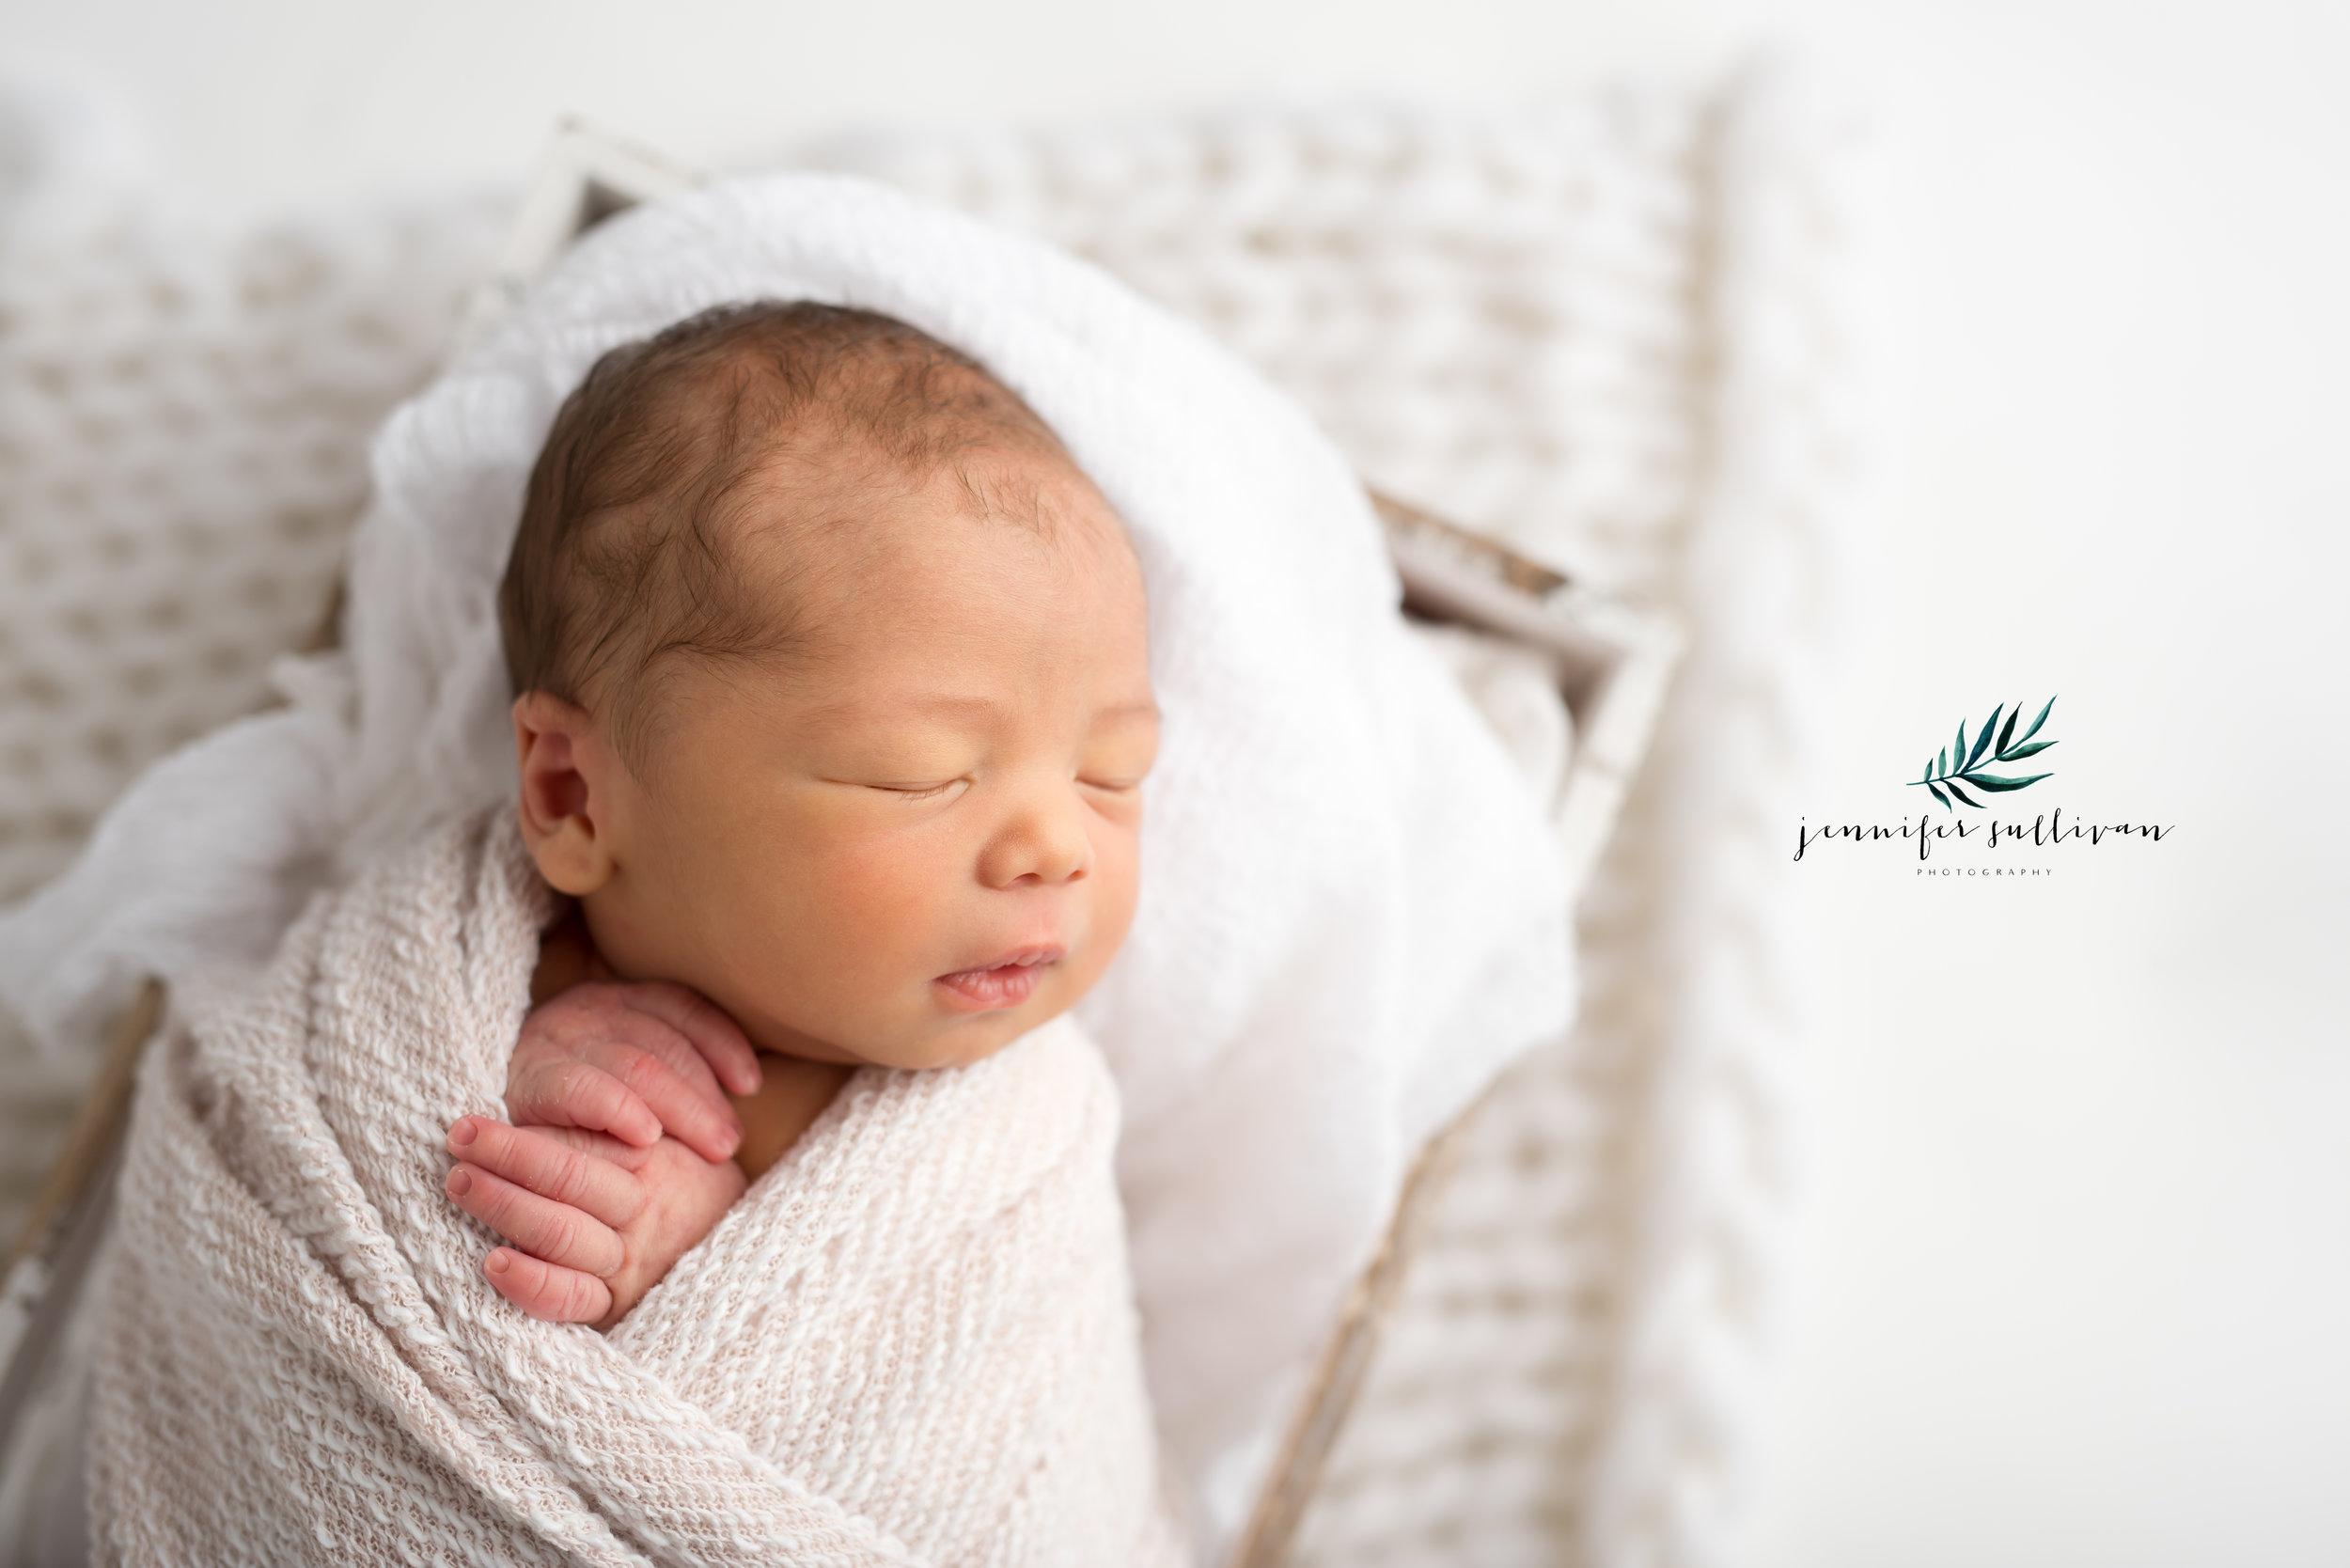 dartmouth baby photographer newborn-401-3.jpg